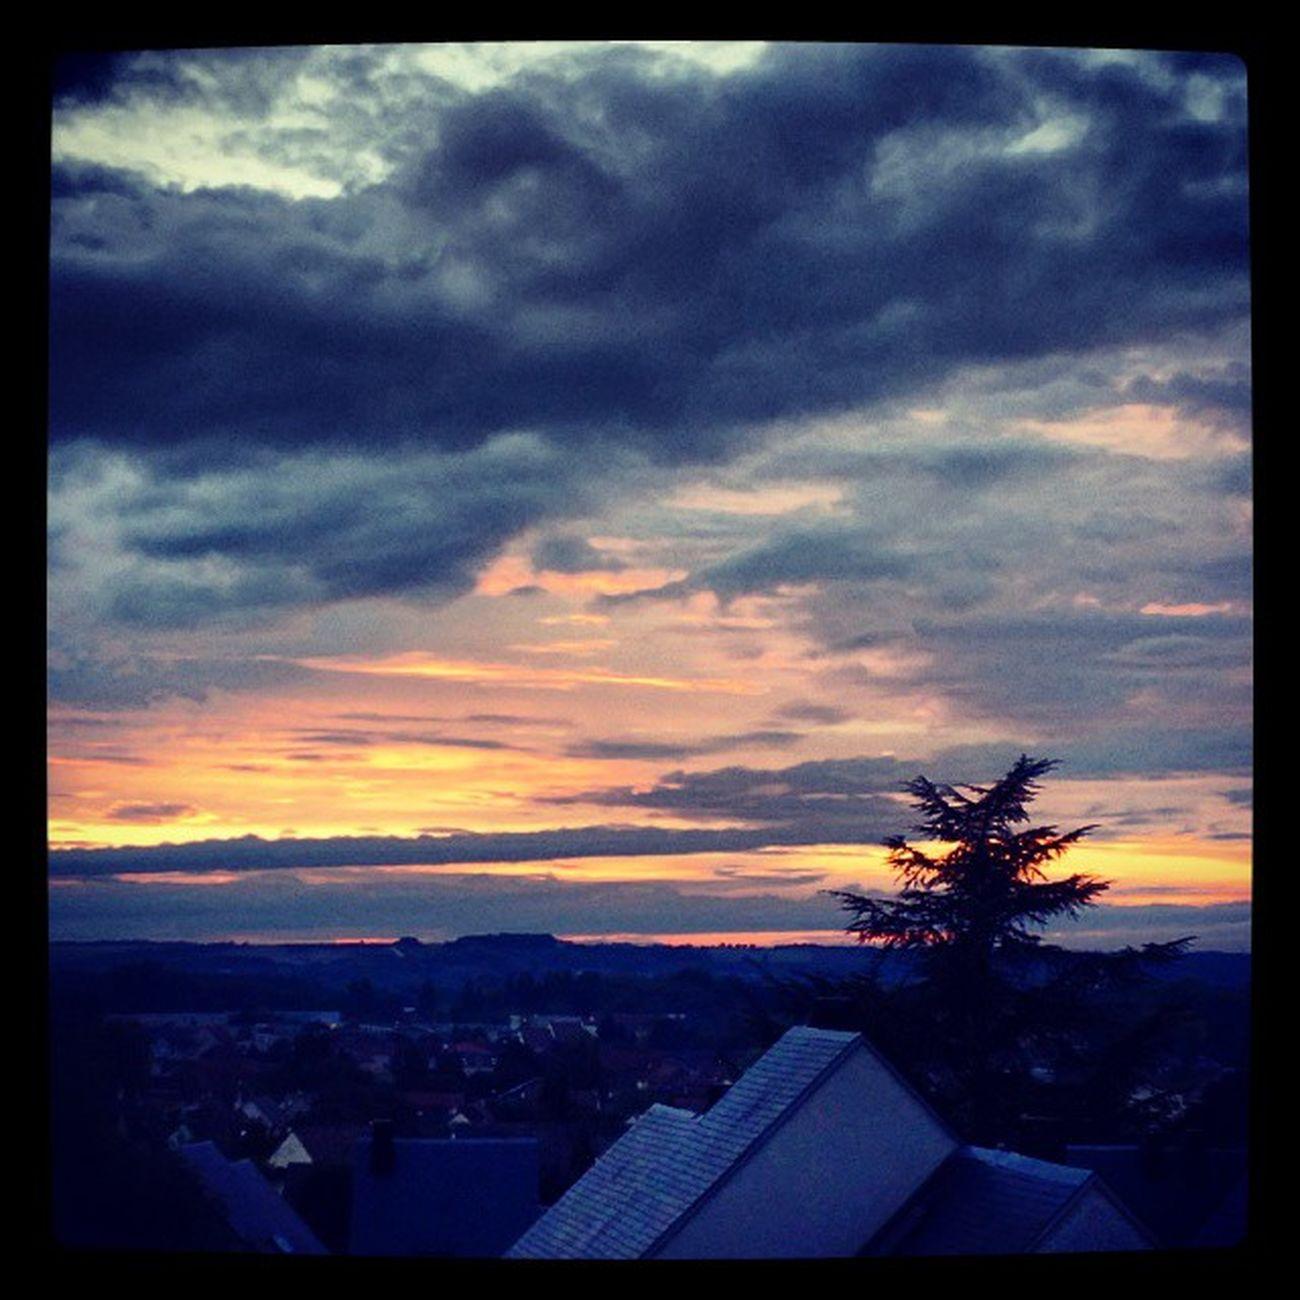 Le soleil se couche à Gouvieux Gouvieux Oise  Picardie Couchedesoleil sunset